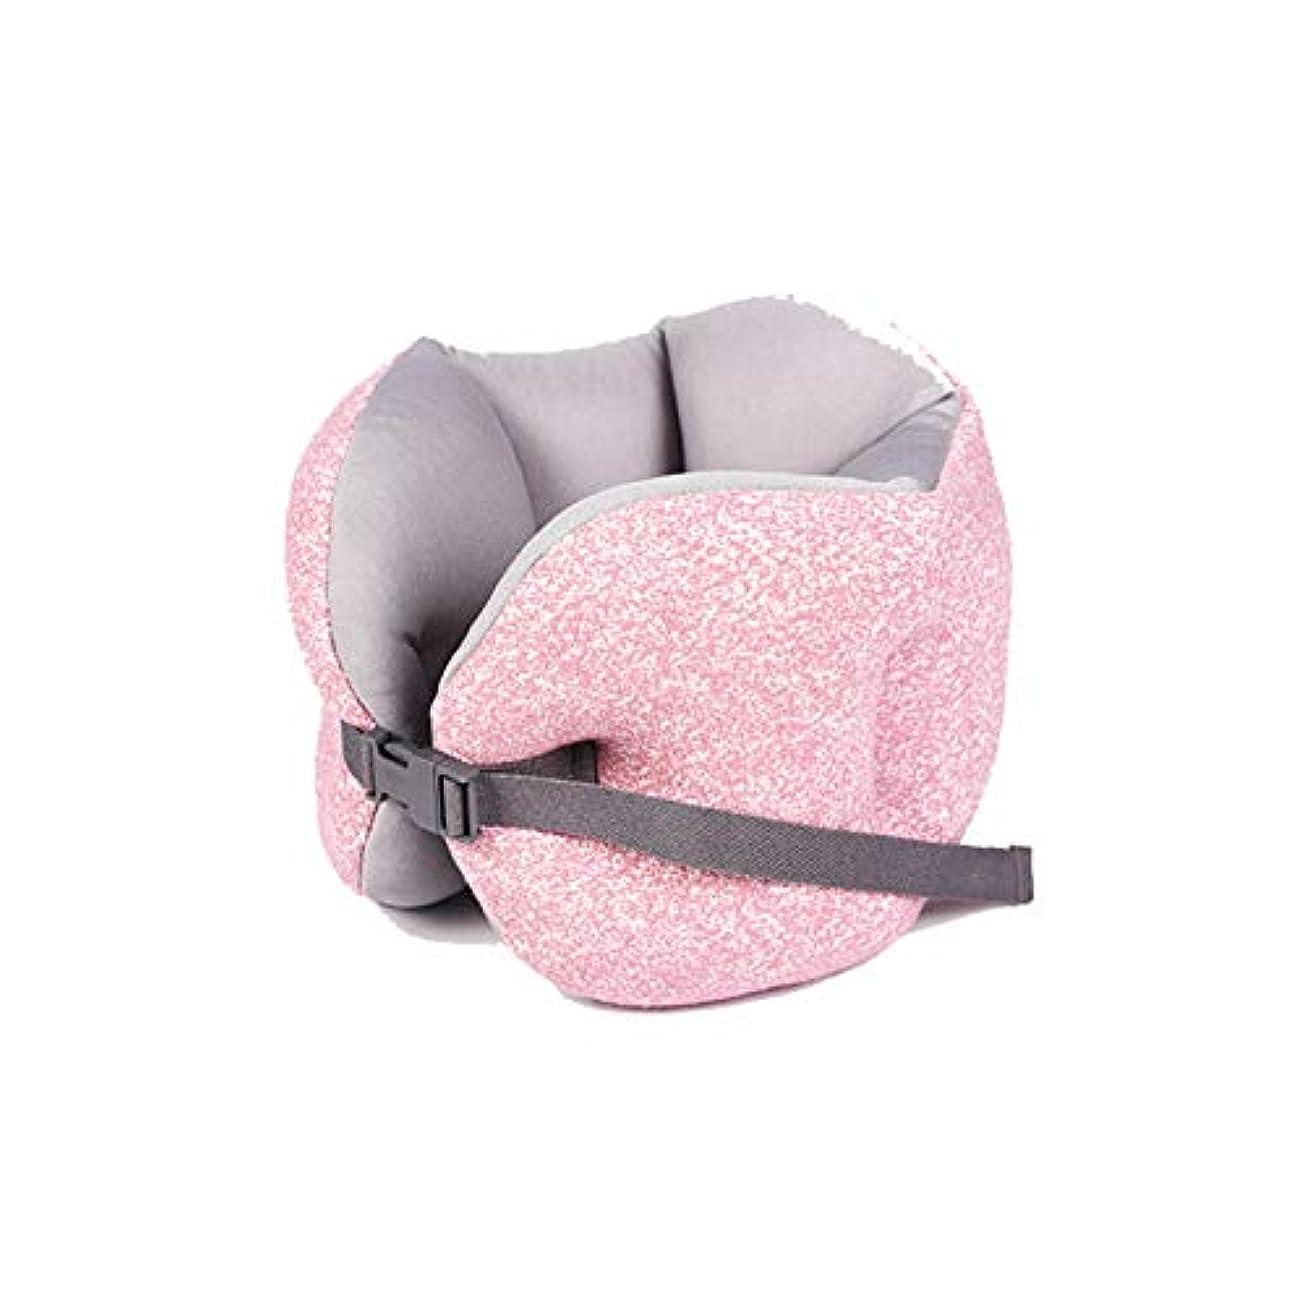 インディカ用心深い句読点SMART ホームオフィス背もたれ椅子腰椎クッションカーシートネック枕 3D 低反発サポートバックマッサージウエストレスリビング枕 クッション 椅子